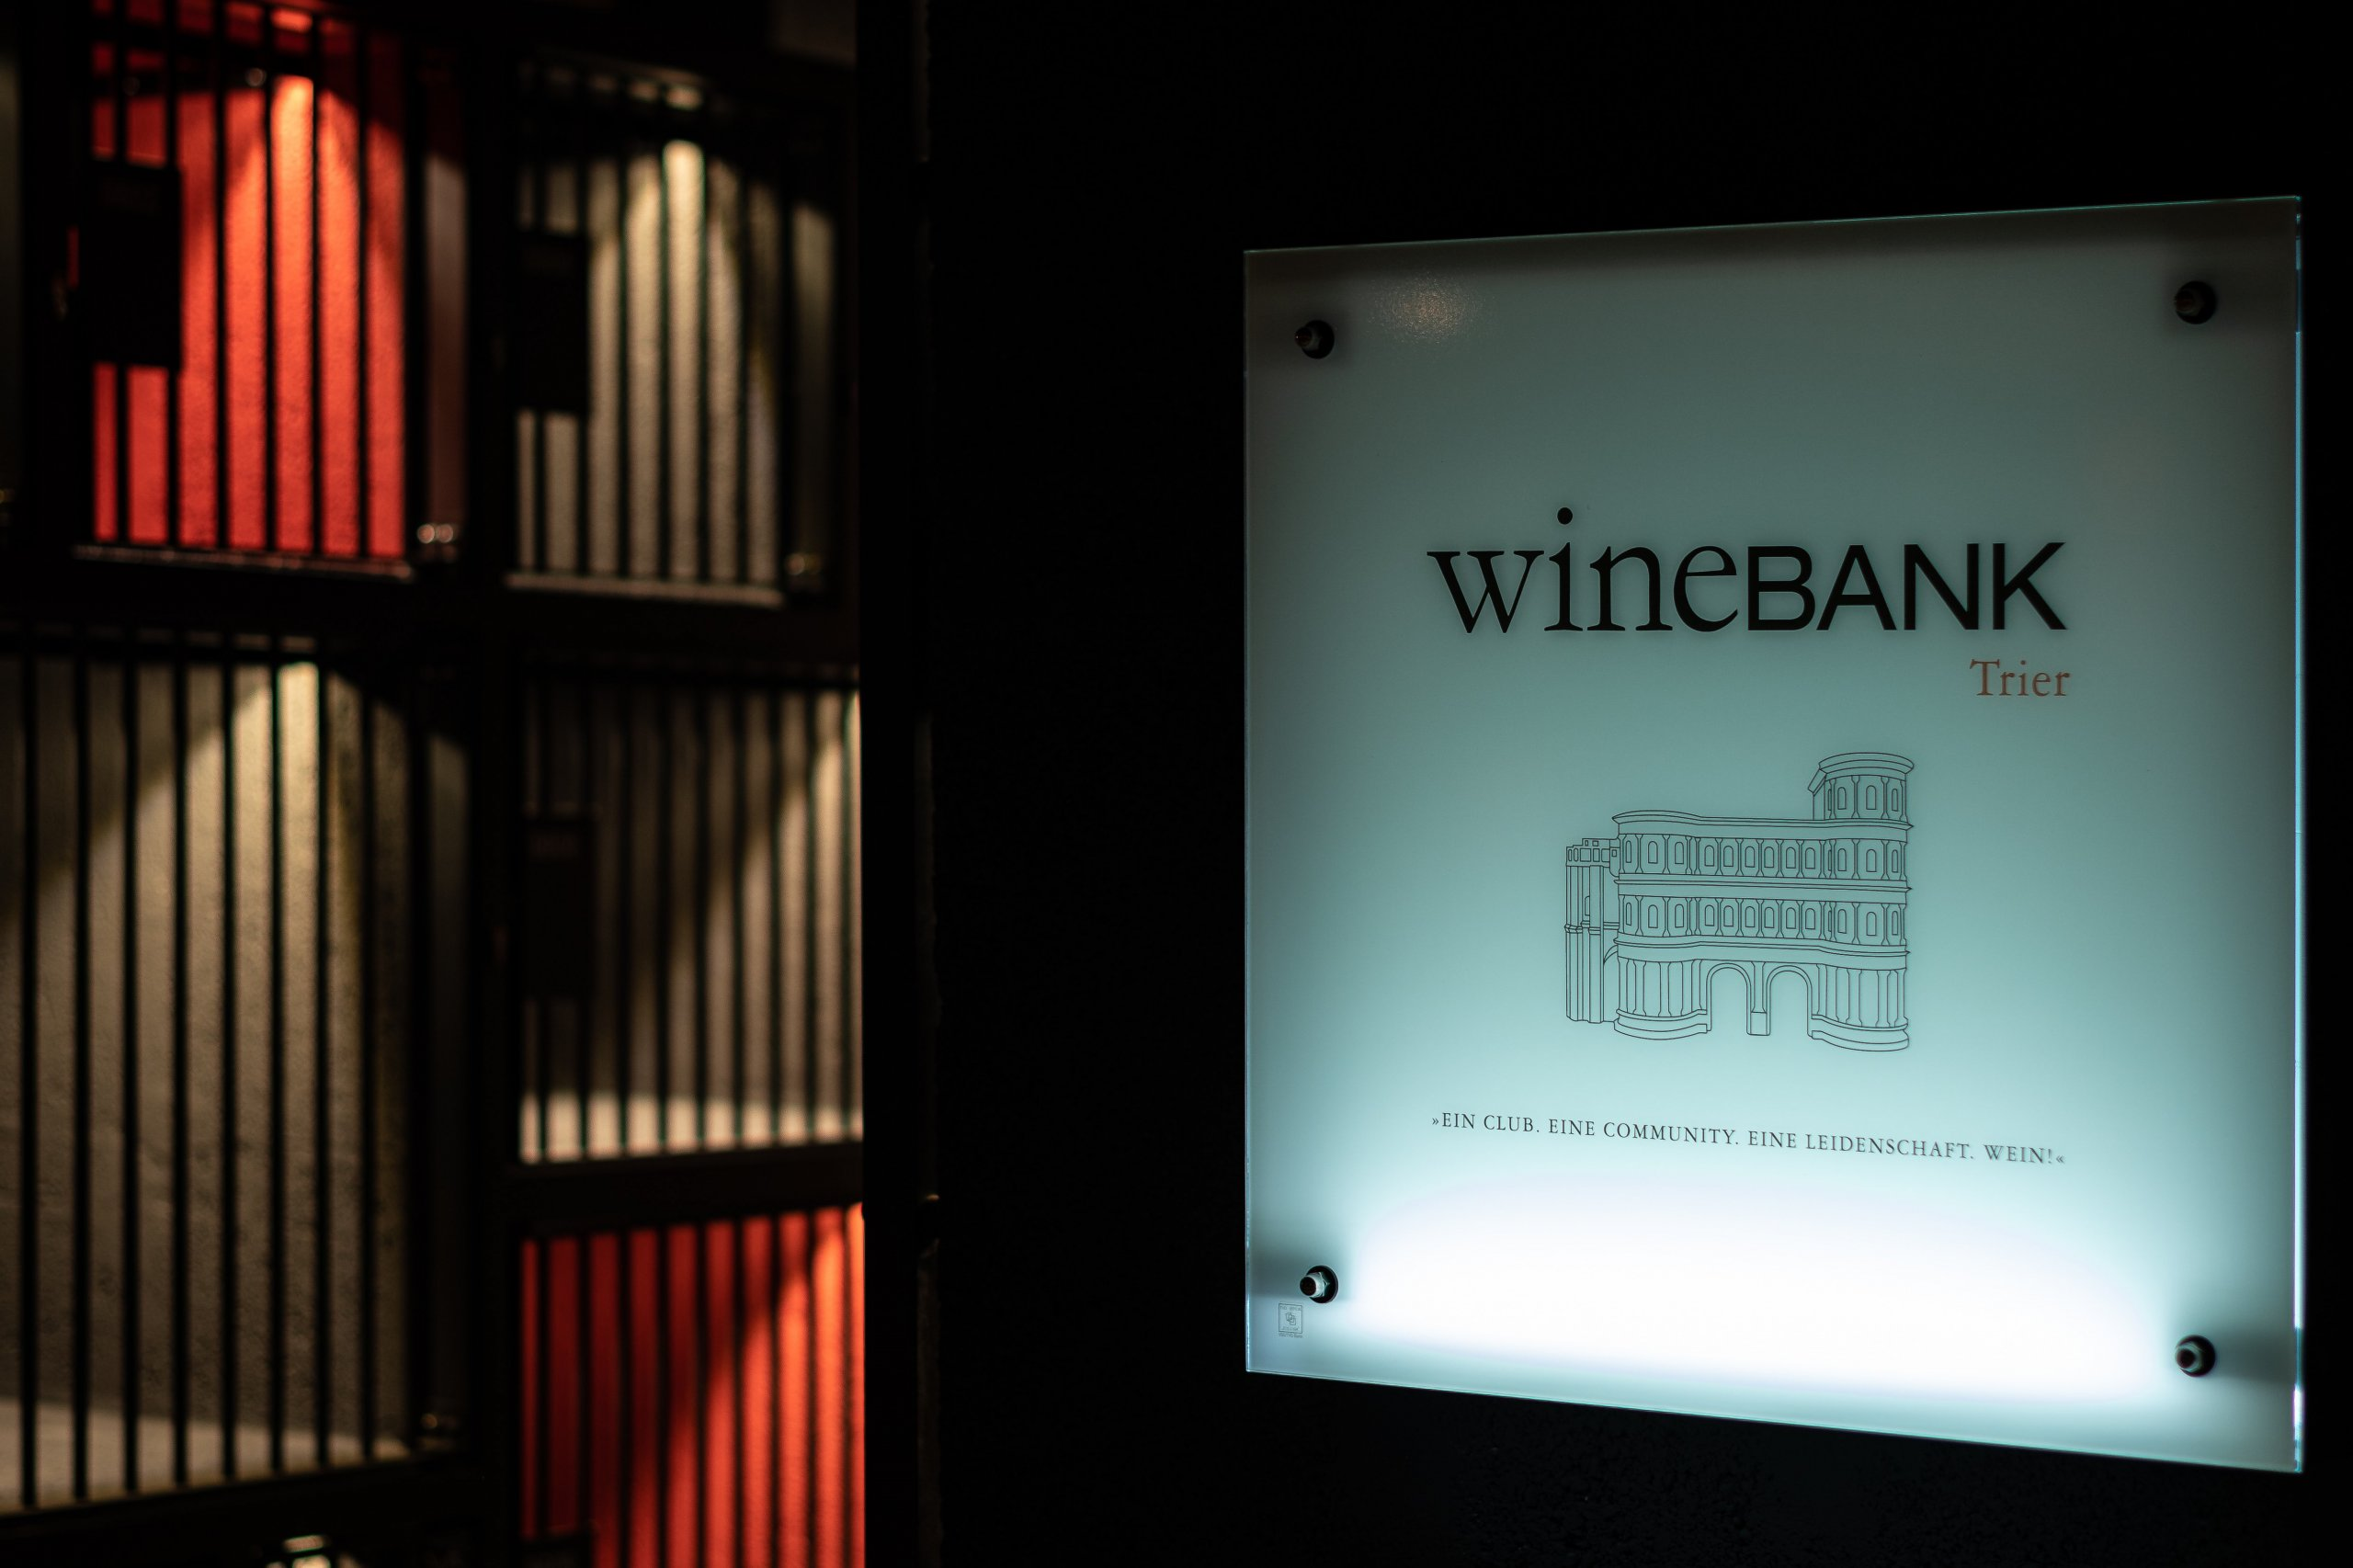 wineBANK eröffnet in Trier: Private Members Club im